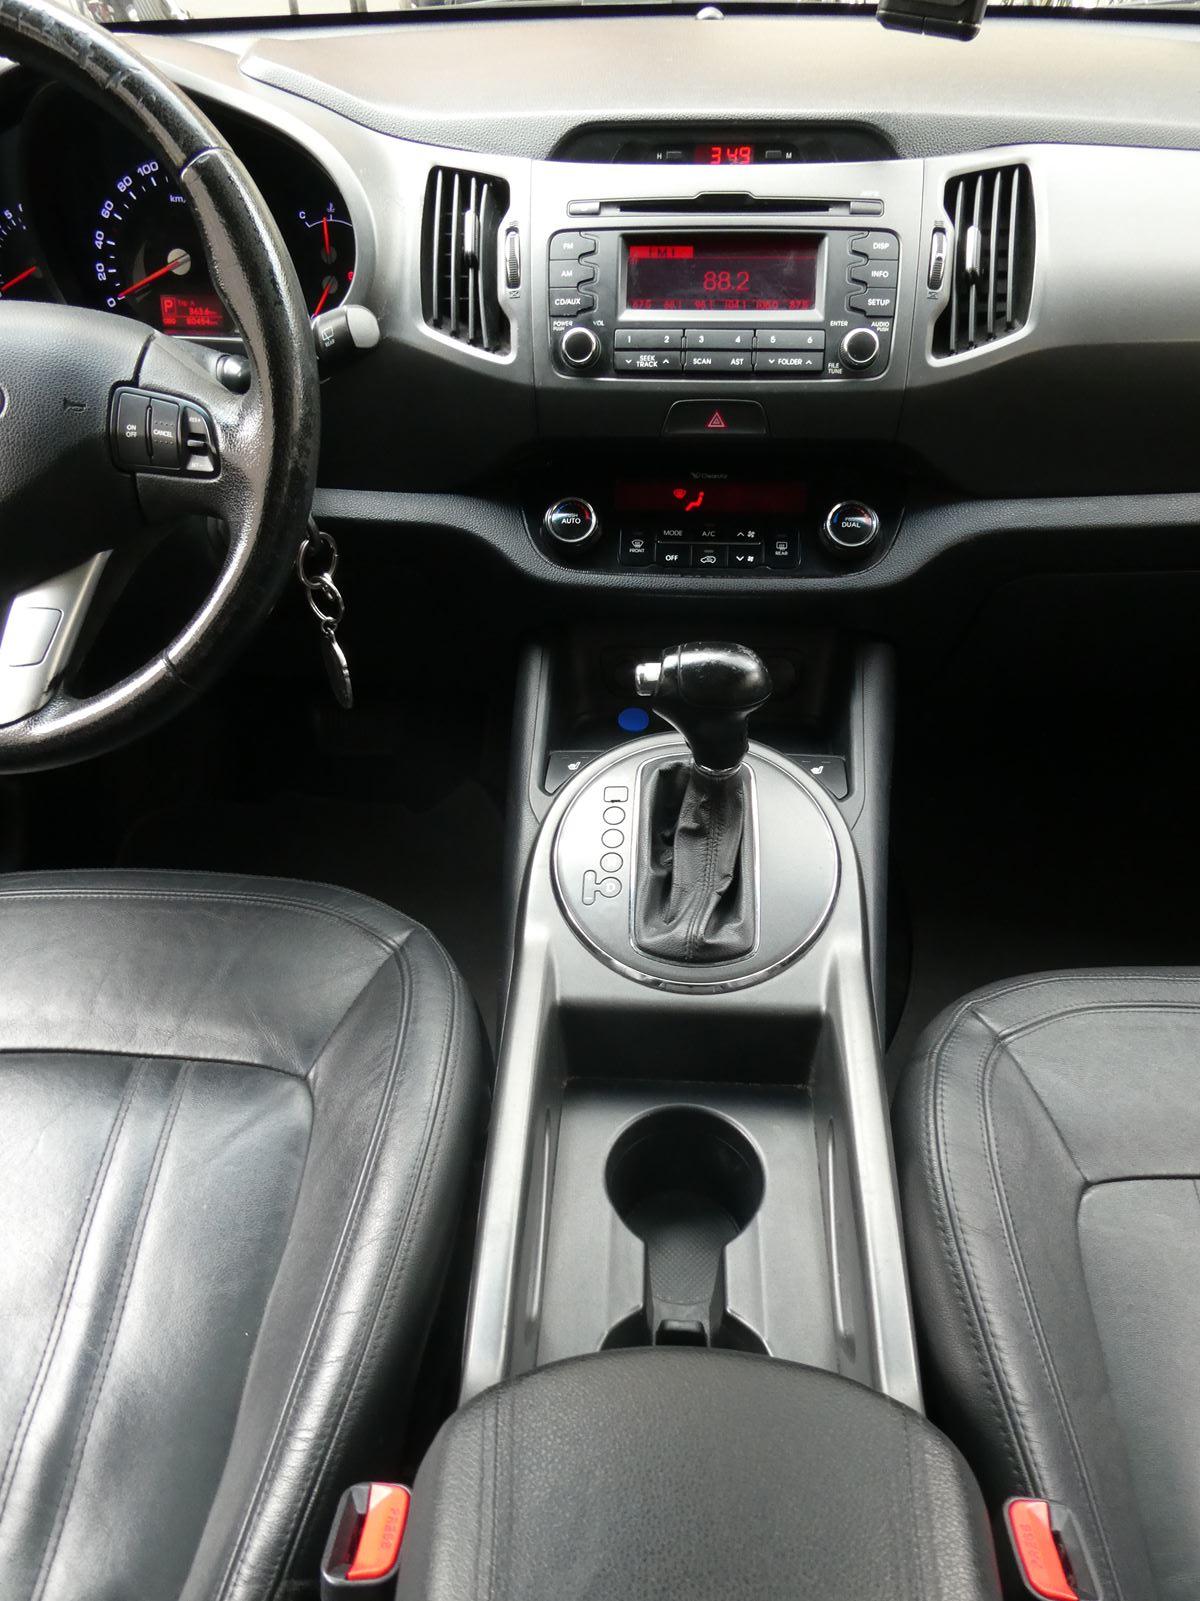 Kia Sportage 2.0 AWD Automatic 163 ch 14